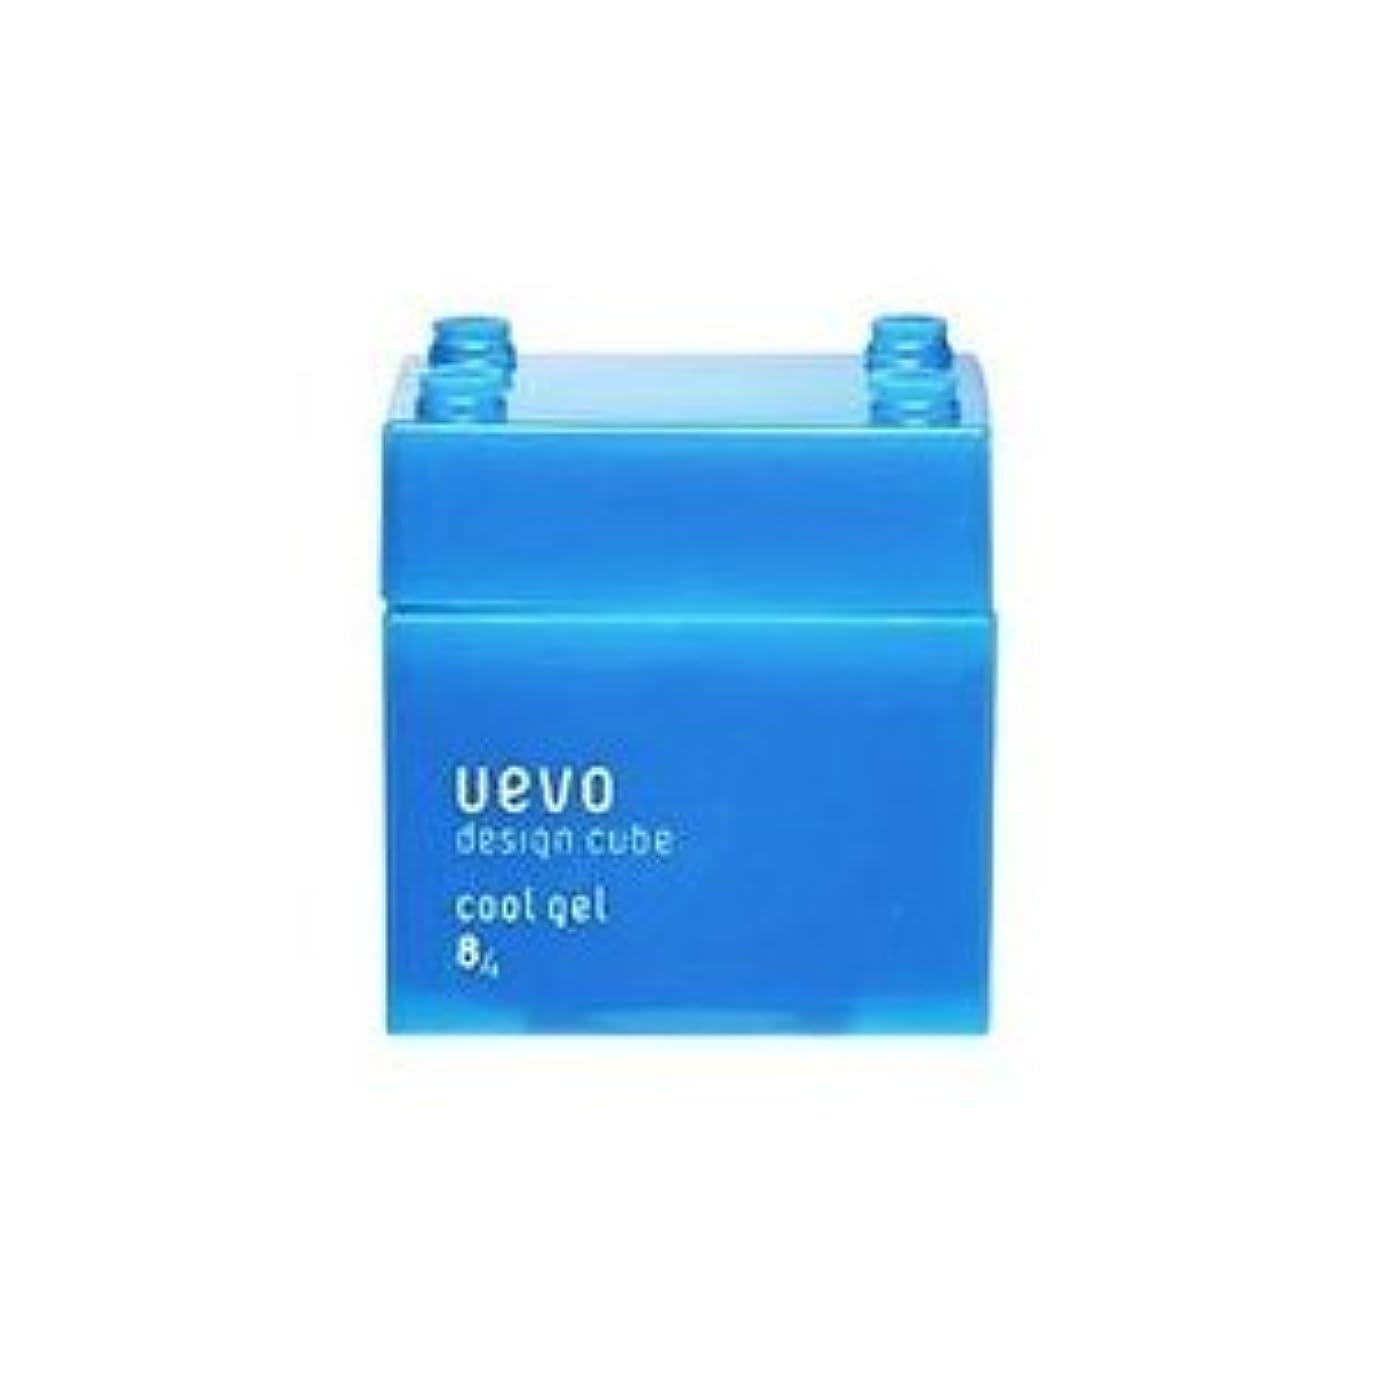 ペレット軍団モーター【X3個セット】 デミ ウェーボ デザインキューブ クールジェル 80g cool gel DEMI uevo design cube